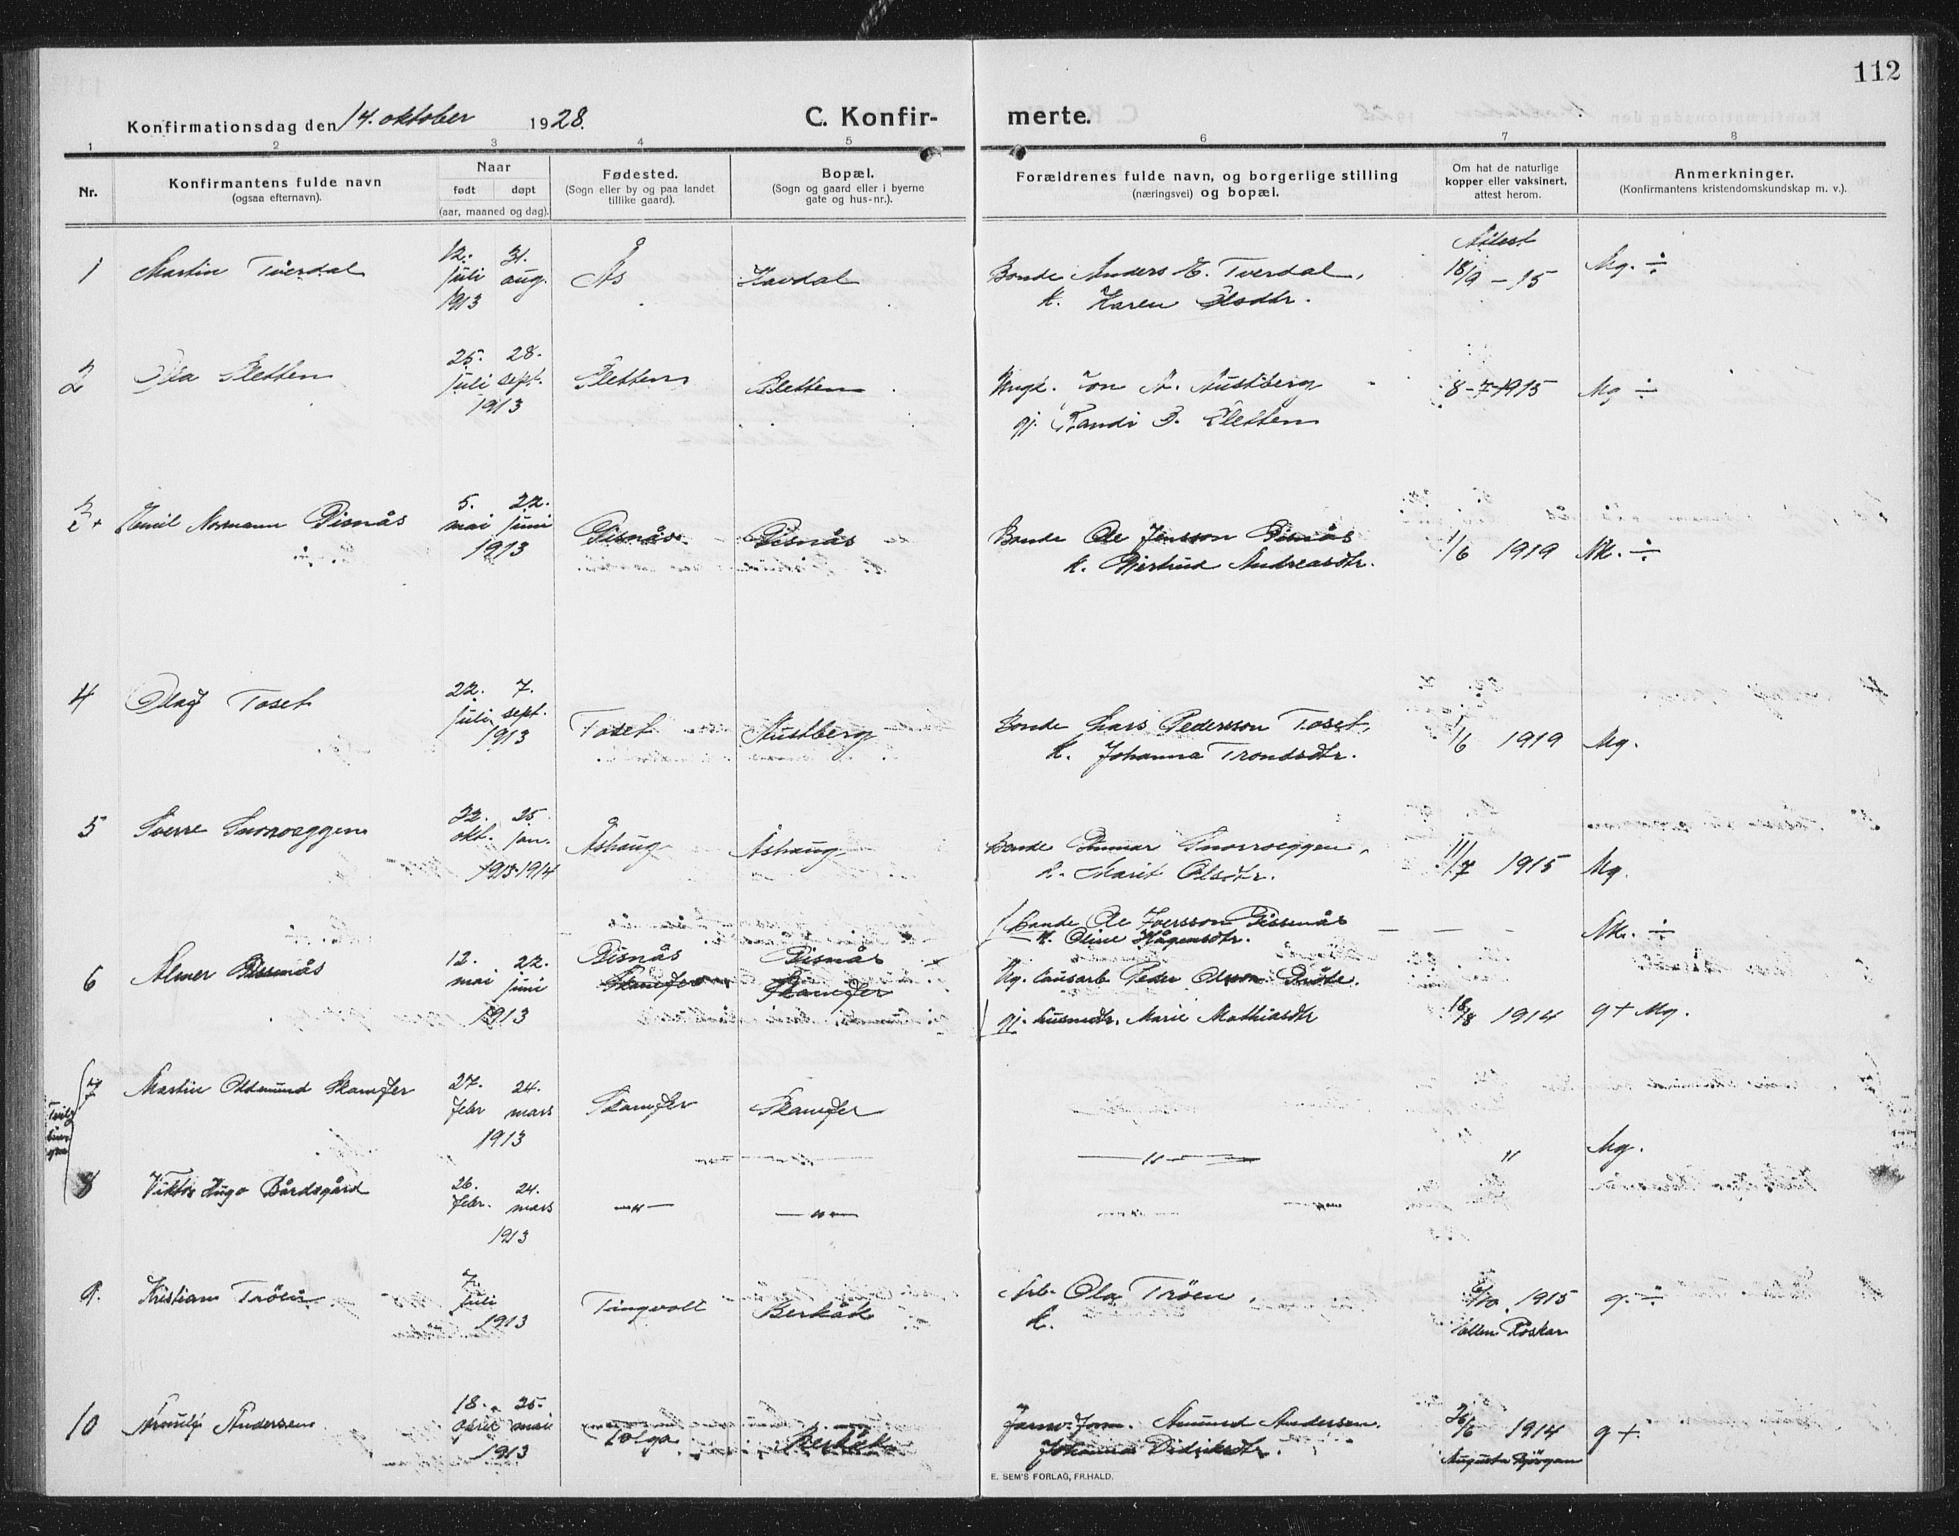 SAT, Ministerialprotokoller, klokkerbøker og fødselsregistre - Sør-Trøndelag, 675/L0888: Klokkerbok nr. 675C01, 1913-1935, s. 112